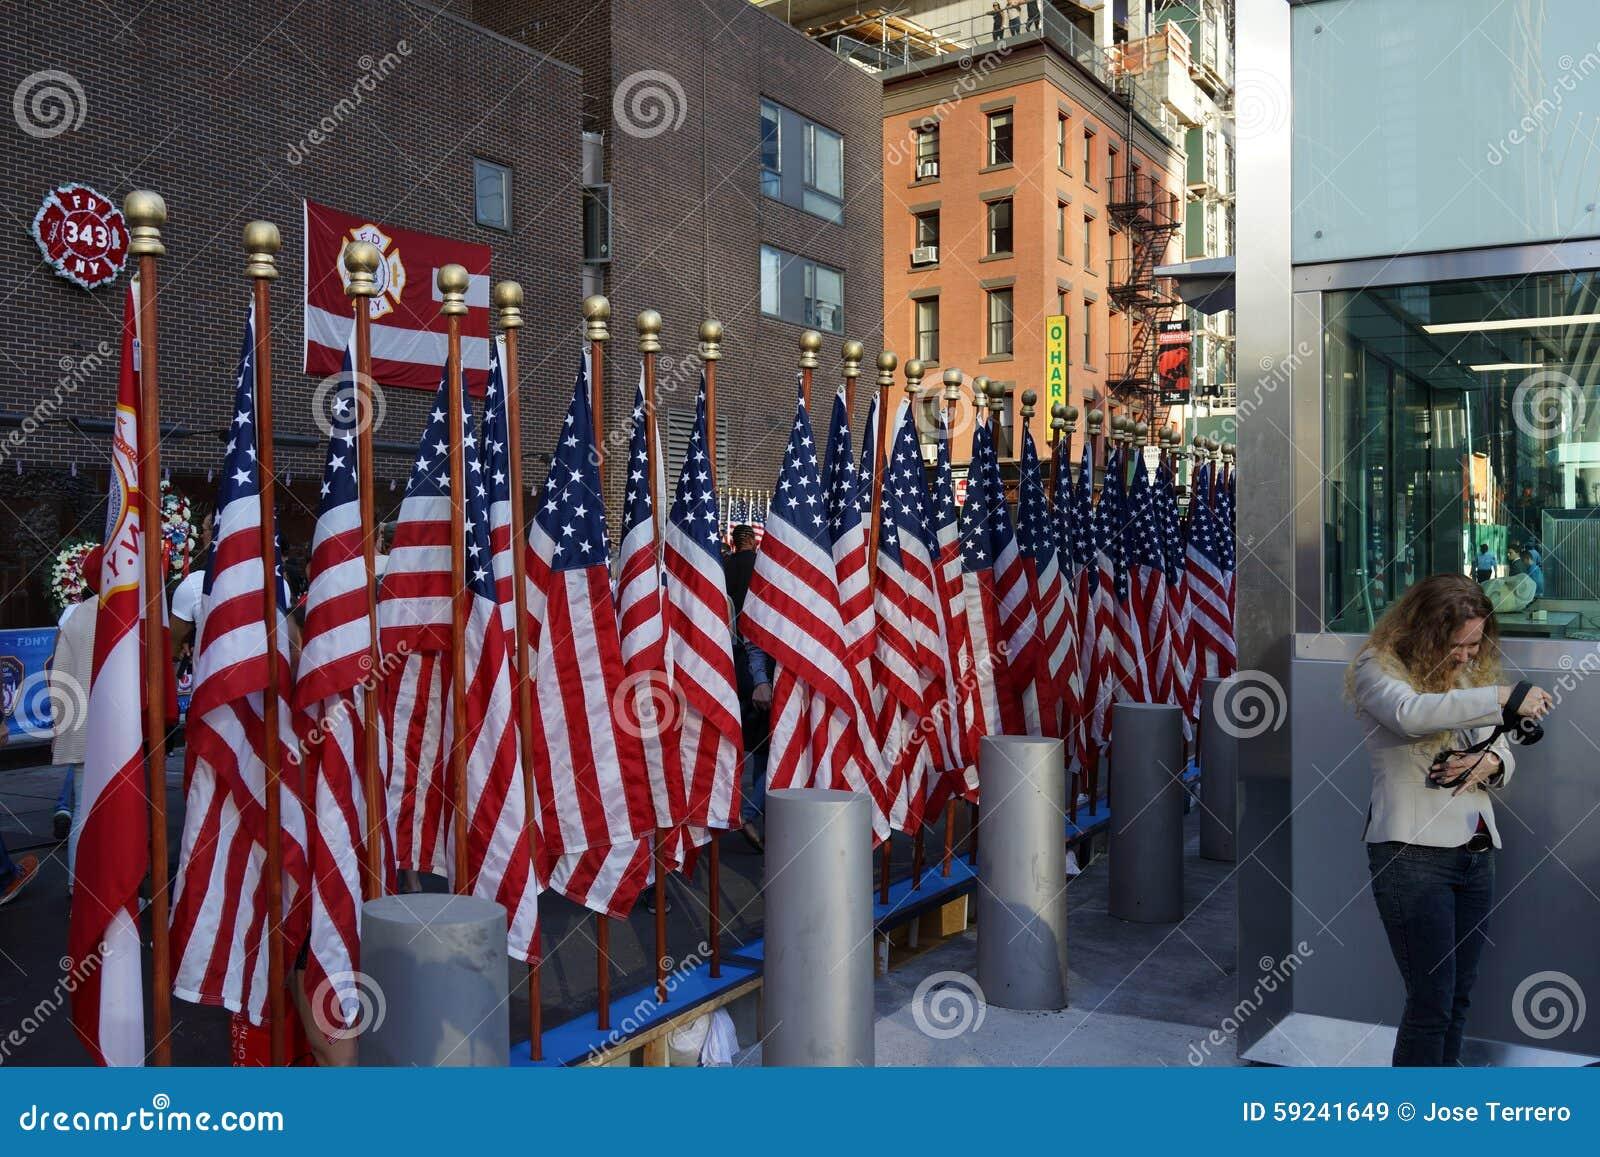 Download 14to Aniversario De 9/11 Parte 2 29 Imagen de archivo editorial - Imagen de centro, ataques: 59241649